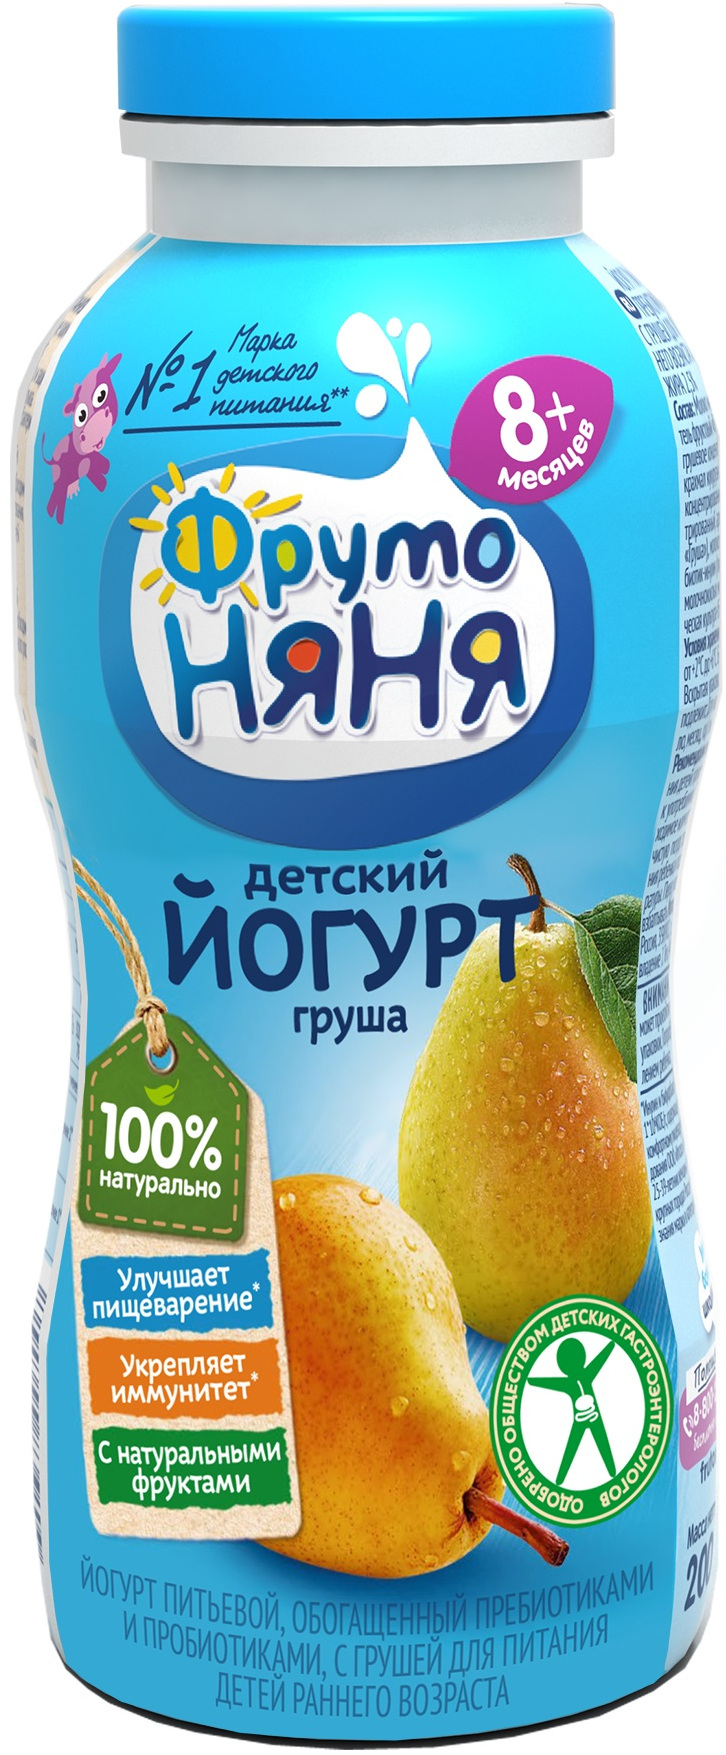 Йогурт Прогресс ФрутоНяня питьевой Груша 2,5% с 8 мес. 200 мл биойогурт питьевой тёма банан и земляника 2 8% с 8 мес 210 мл